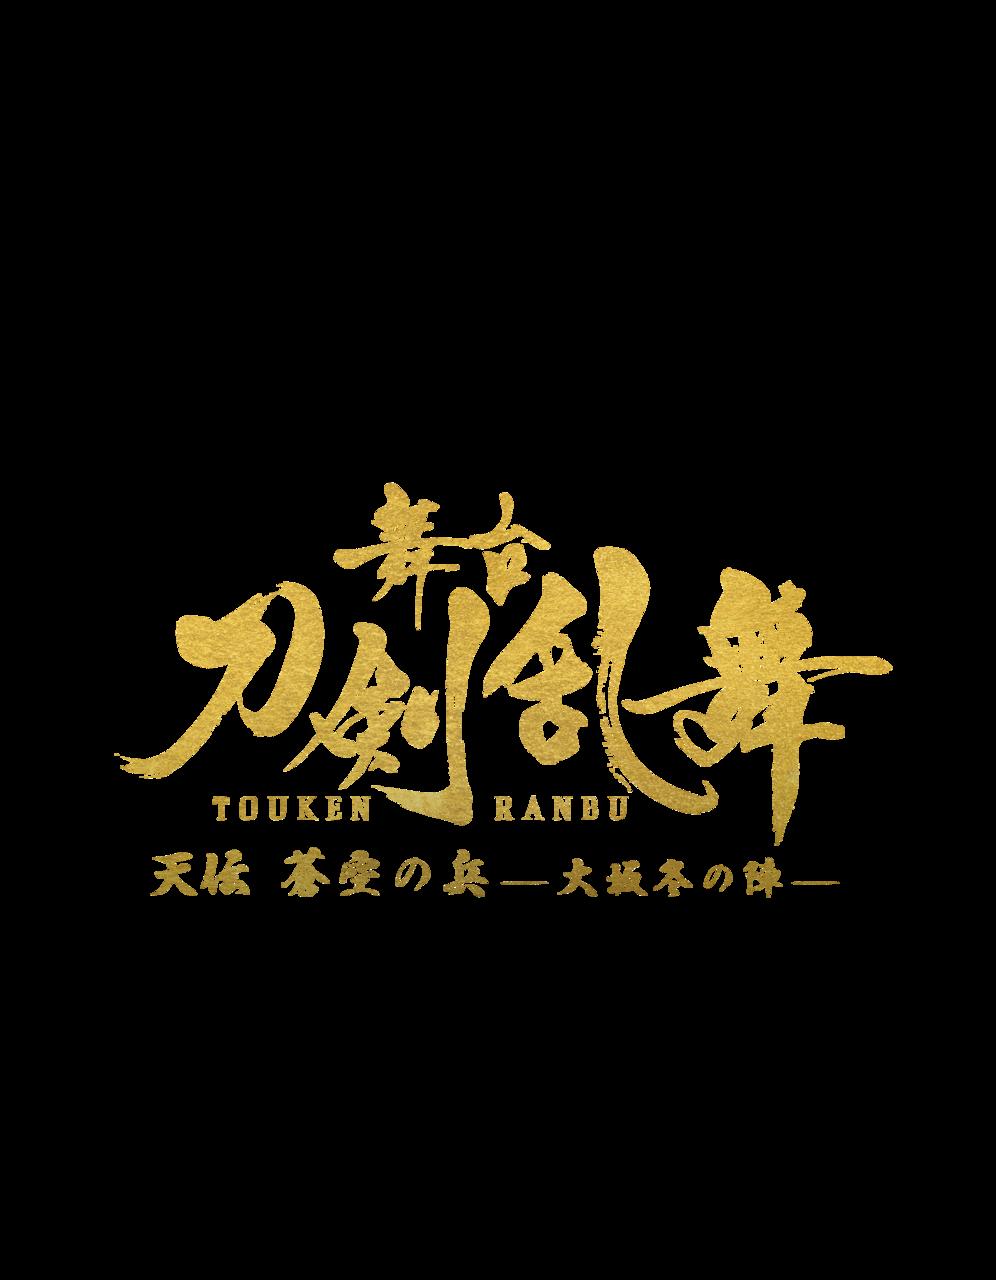 舞台『刀剣乱舞』天伝 蒼空の兵 -大坂冬の陣-2